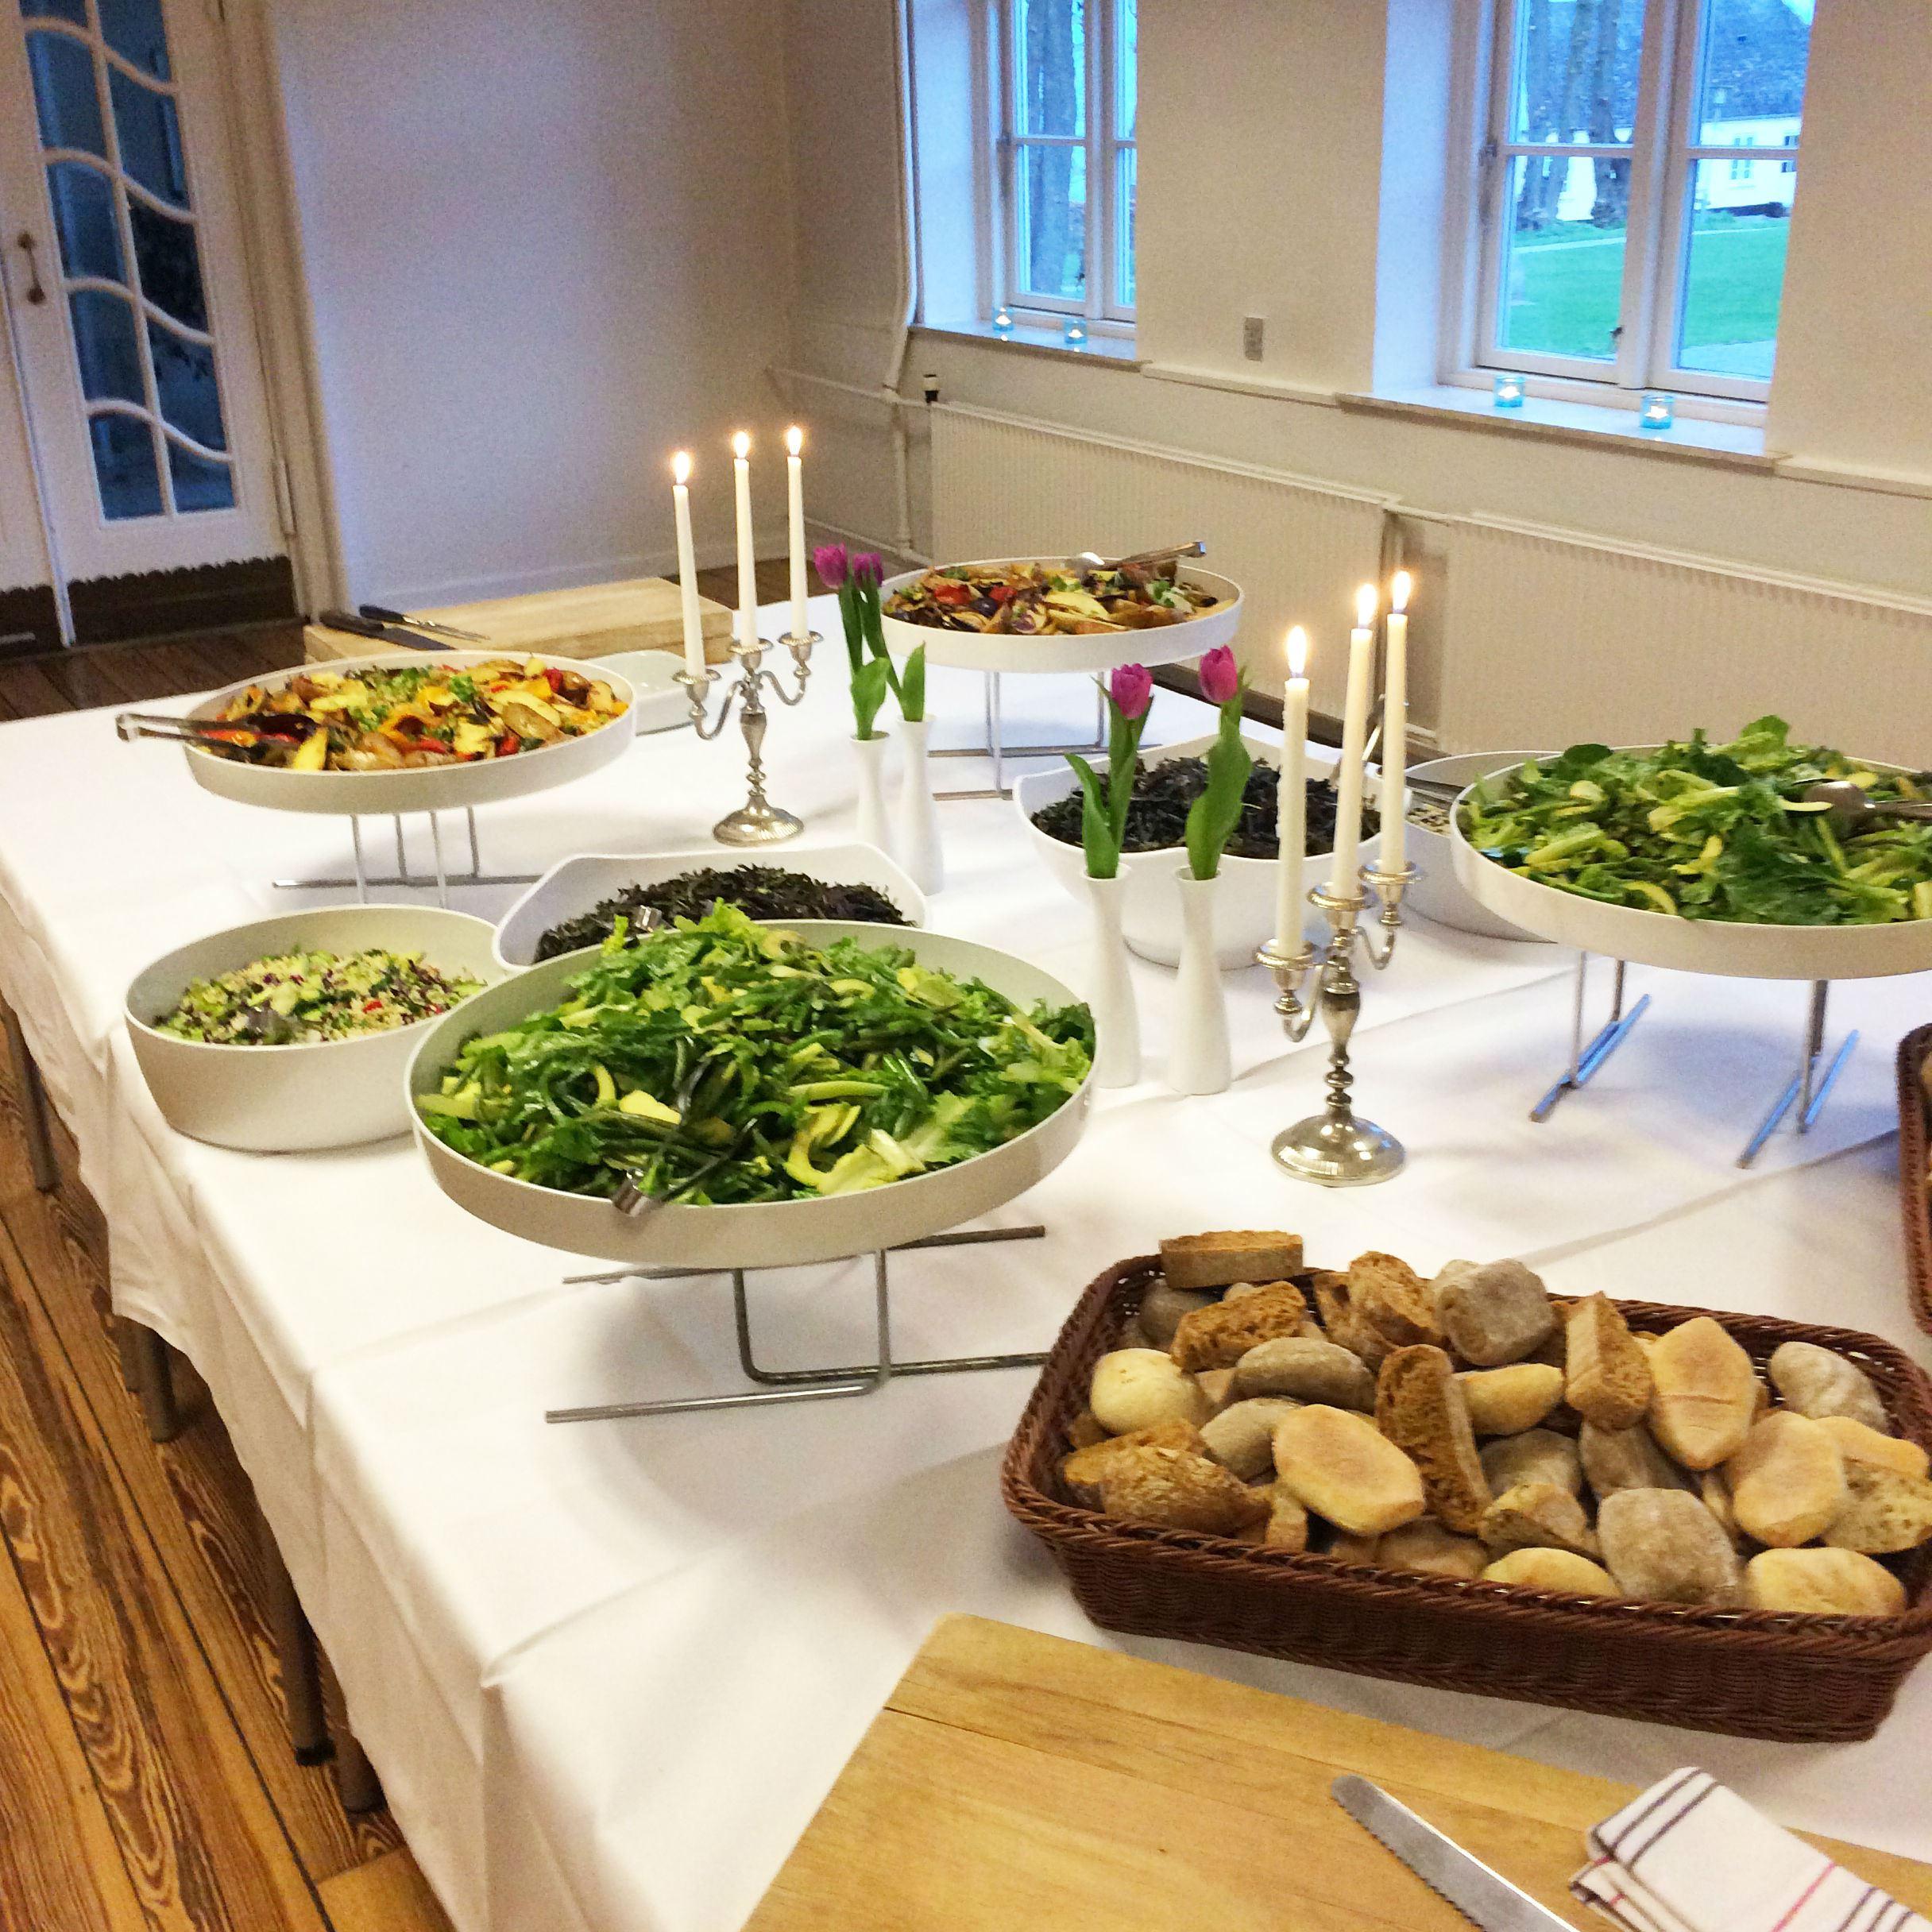 Årets Vildtret 2018 – book en kulinarisk oplevelse på Mommark Handelskostskole